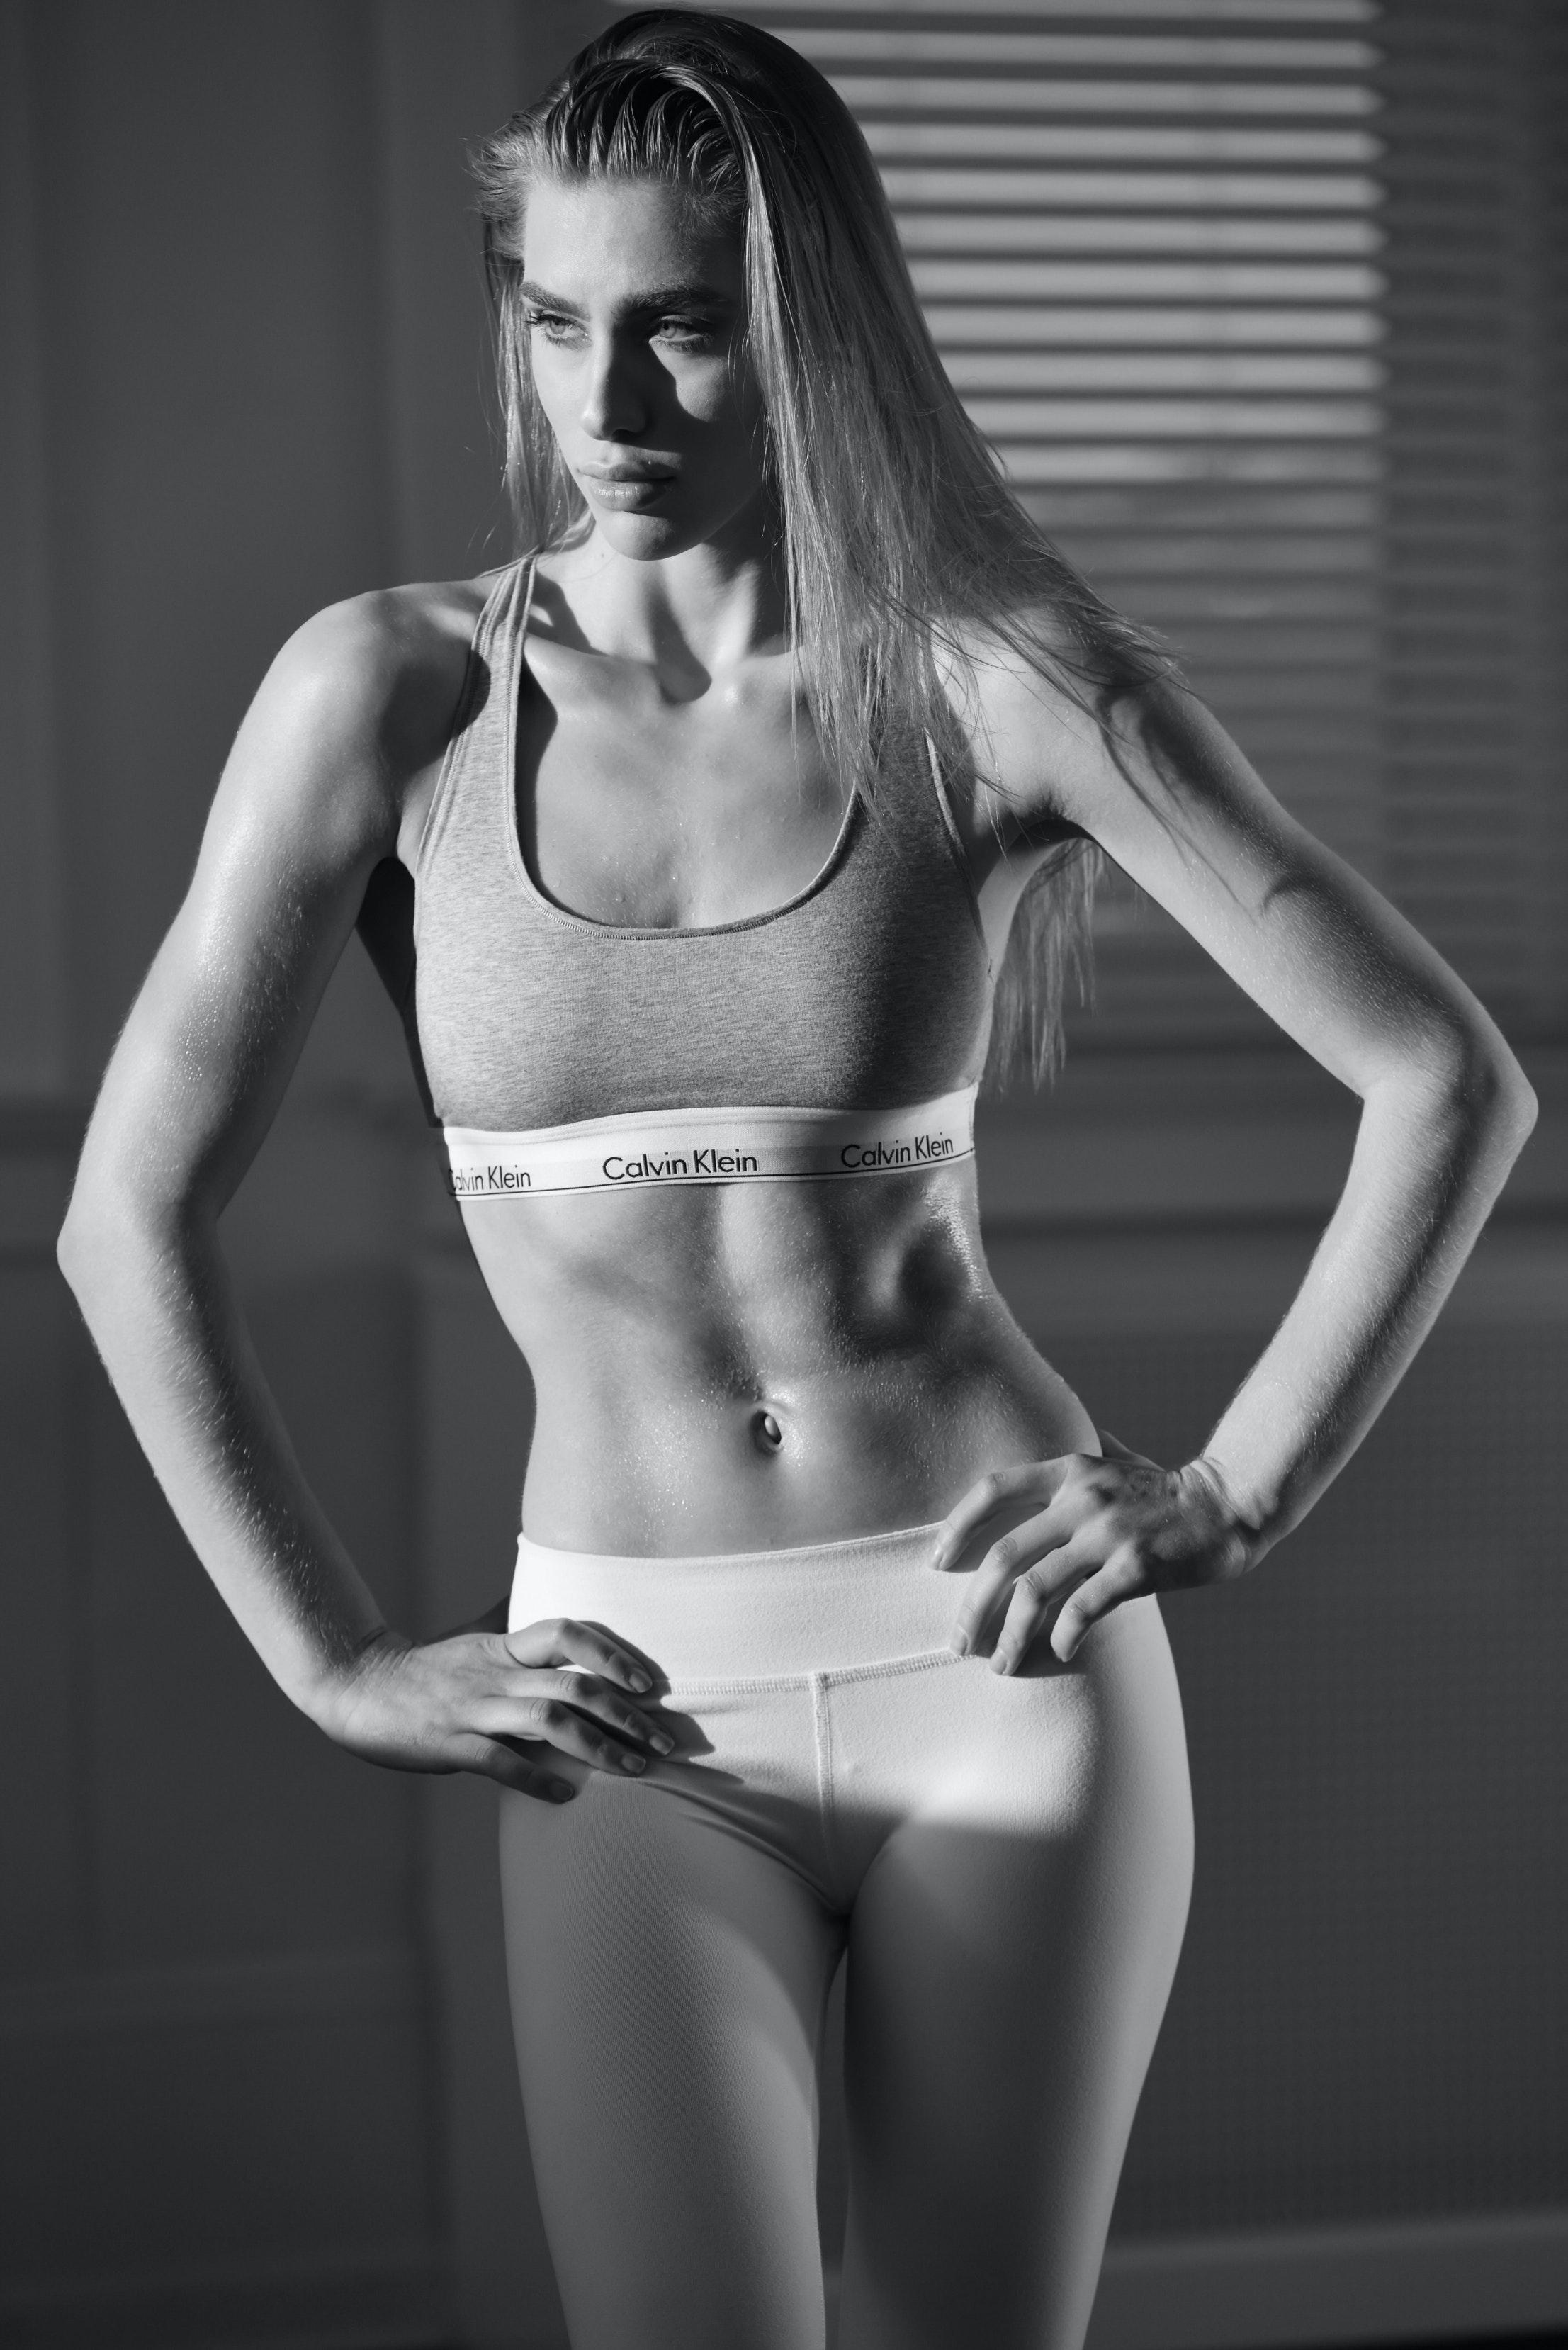 Marissa Zandonella's Model portfolio